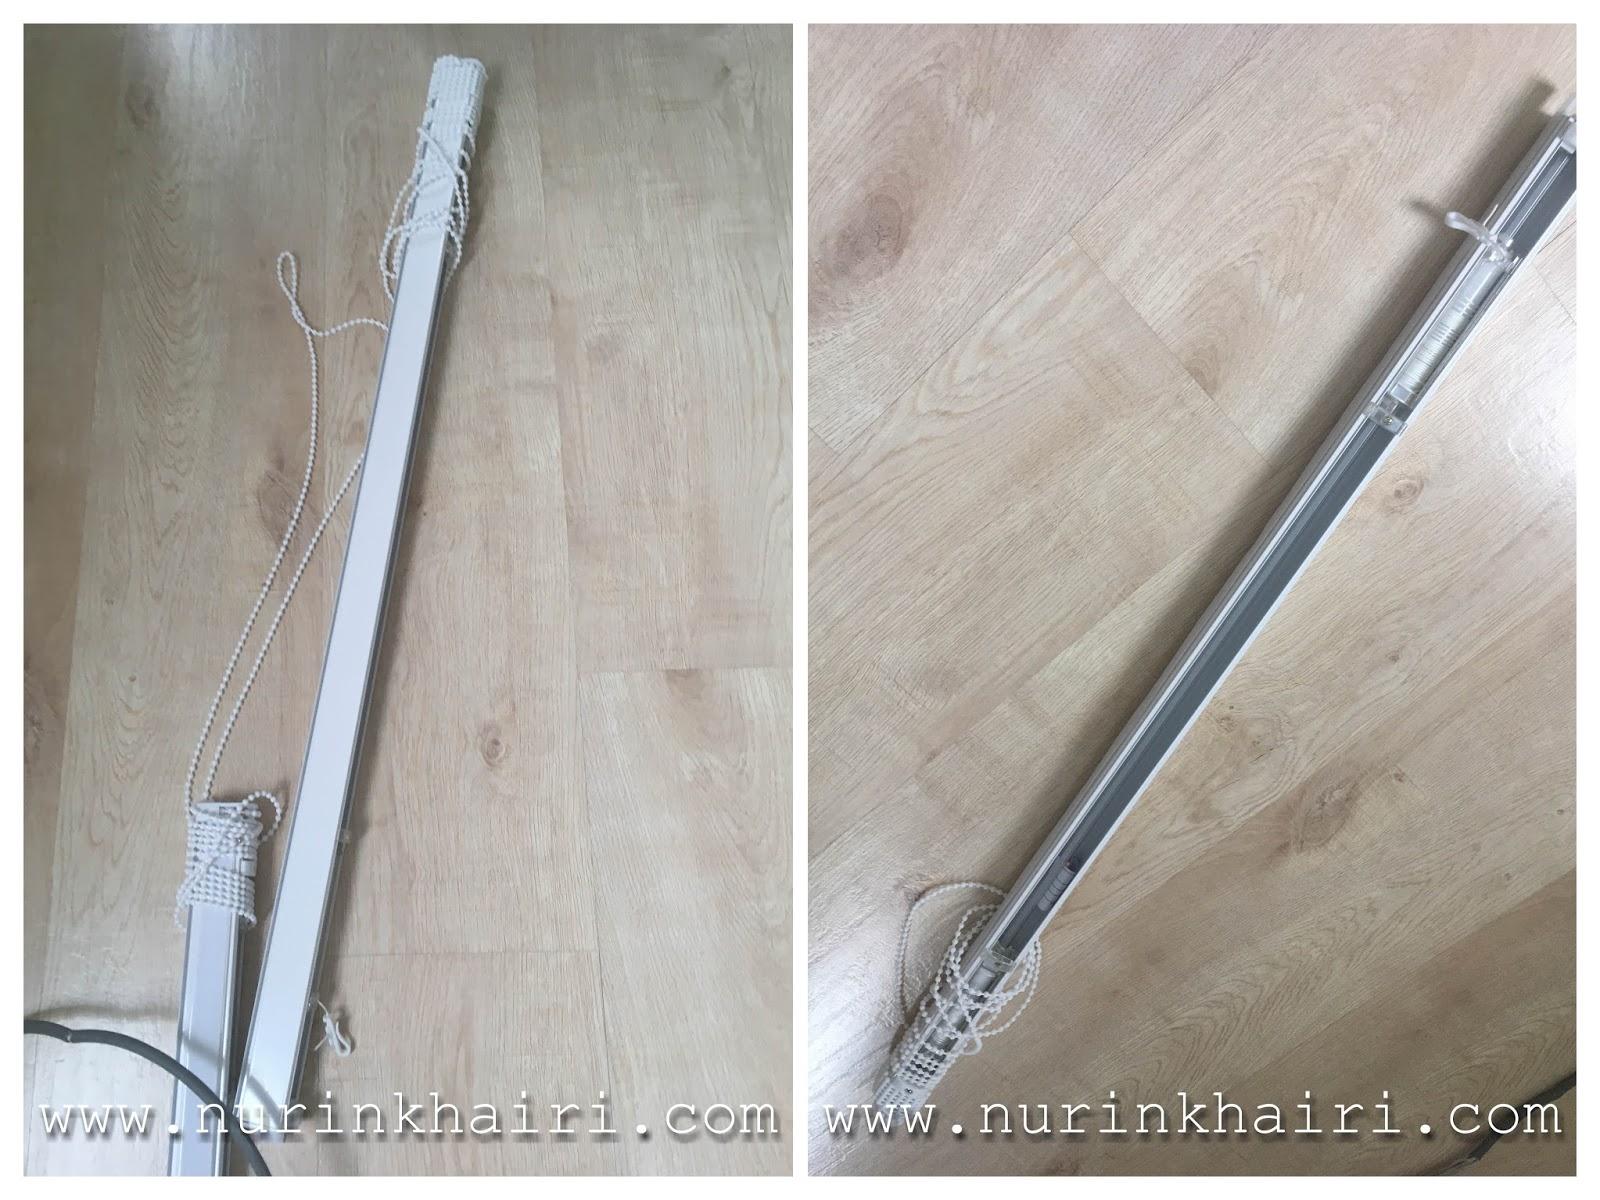 Ni Rupa Railing Track Untuk Roman Blind Harga Upah Jahit Yang Nurin Dapat Lebih Mahal Daripada Langsir Biasa Sebagai Panduan